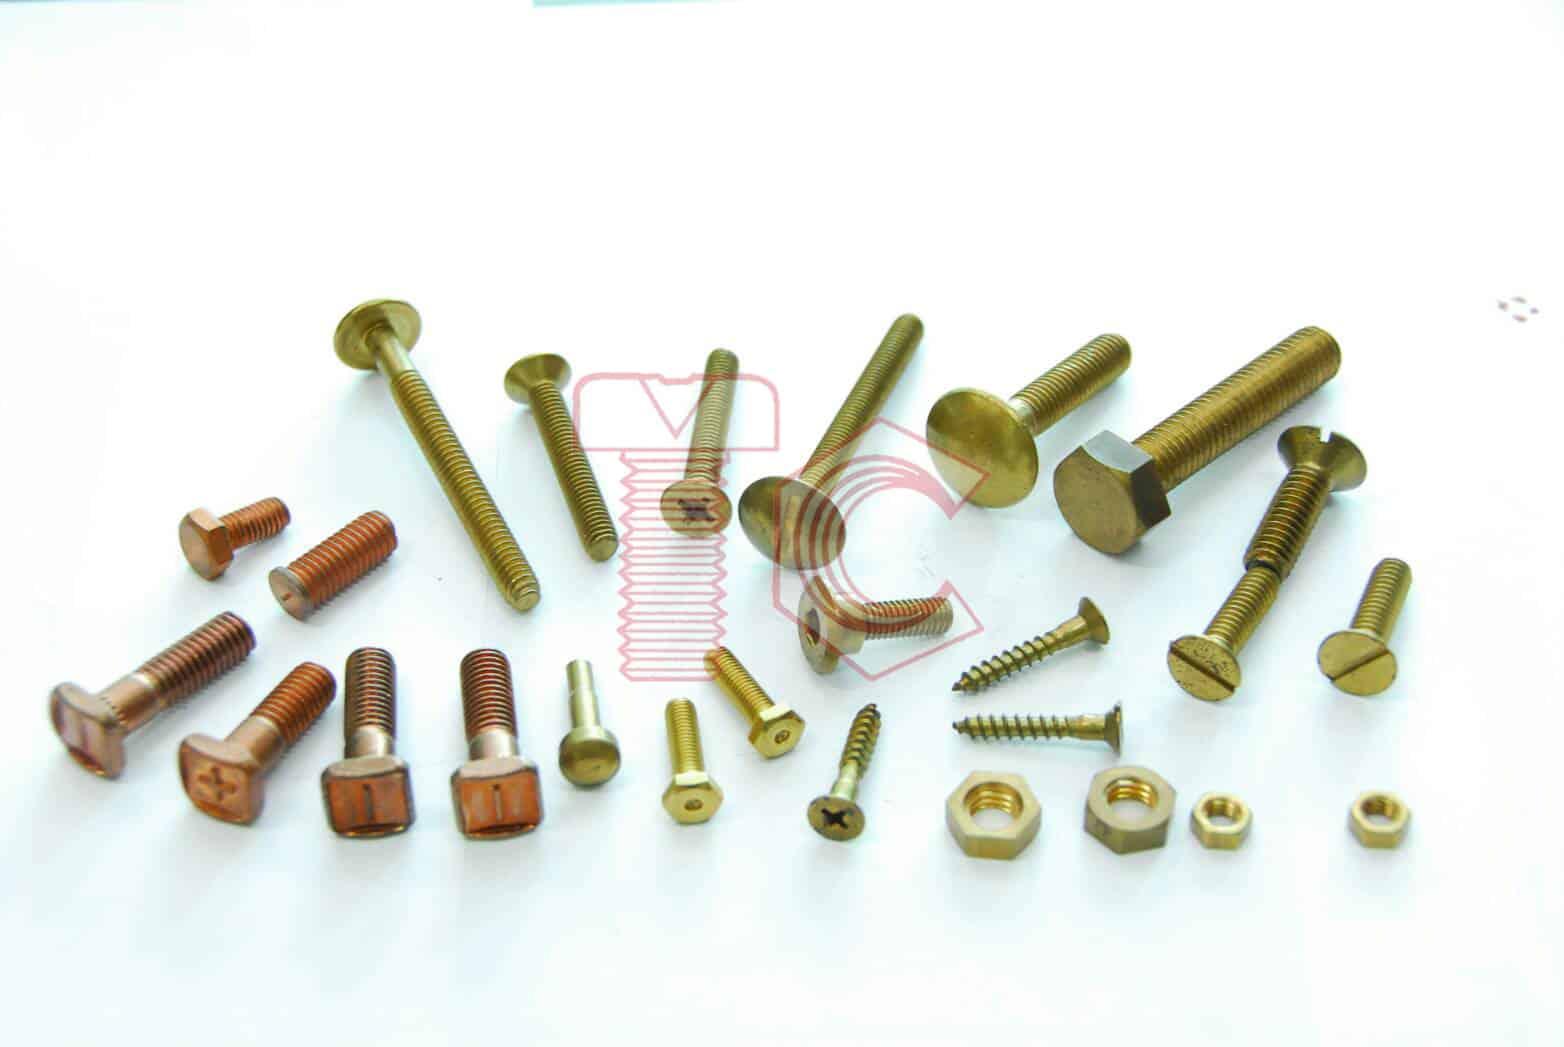 Screw Brass - สกรูทองเหลือง